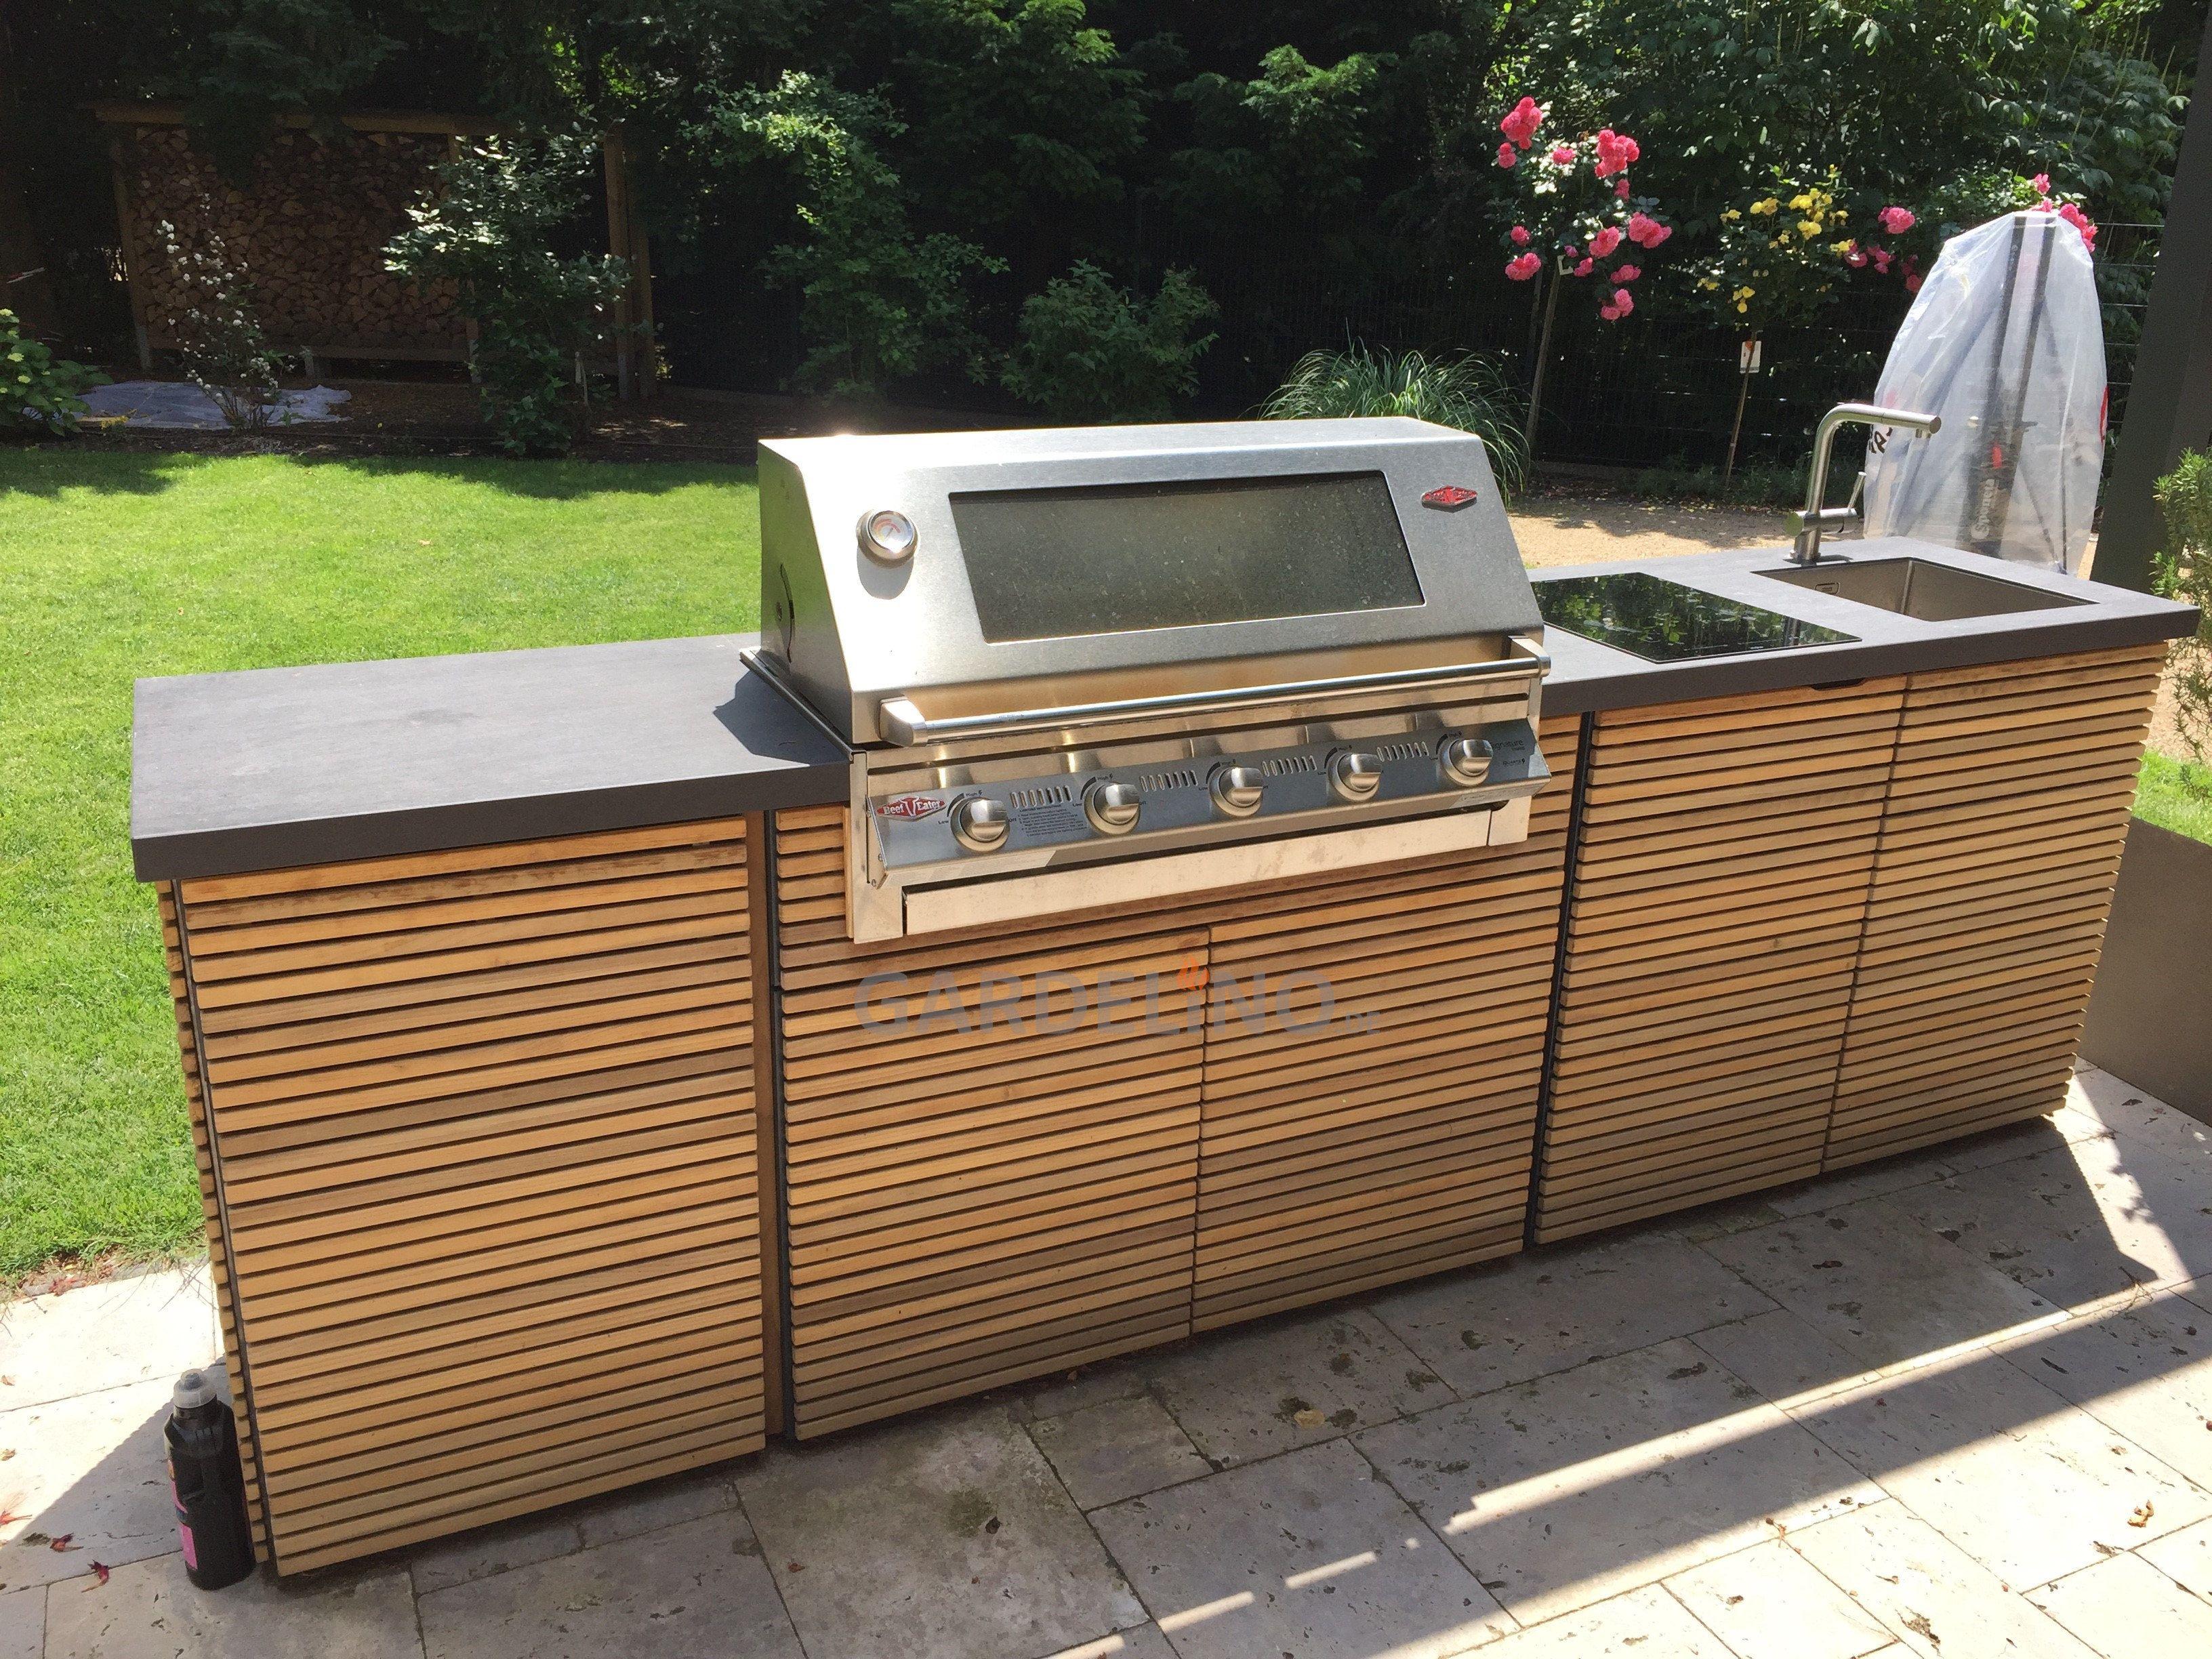 Outdoorküche Mit Spüle Kaufen : Idee: luxuriöse design outdoorküche aus holz und granit mit